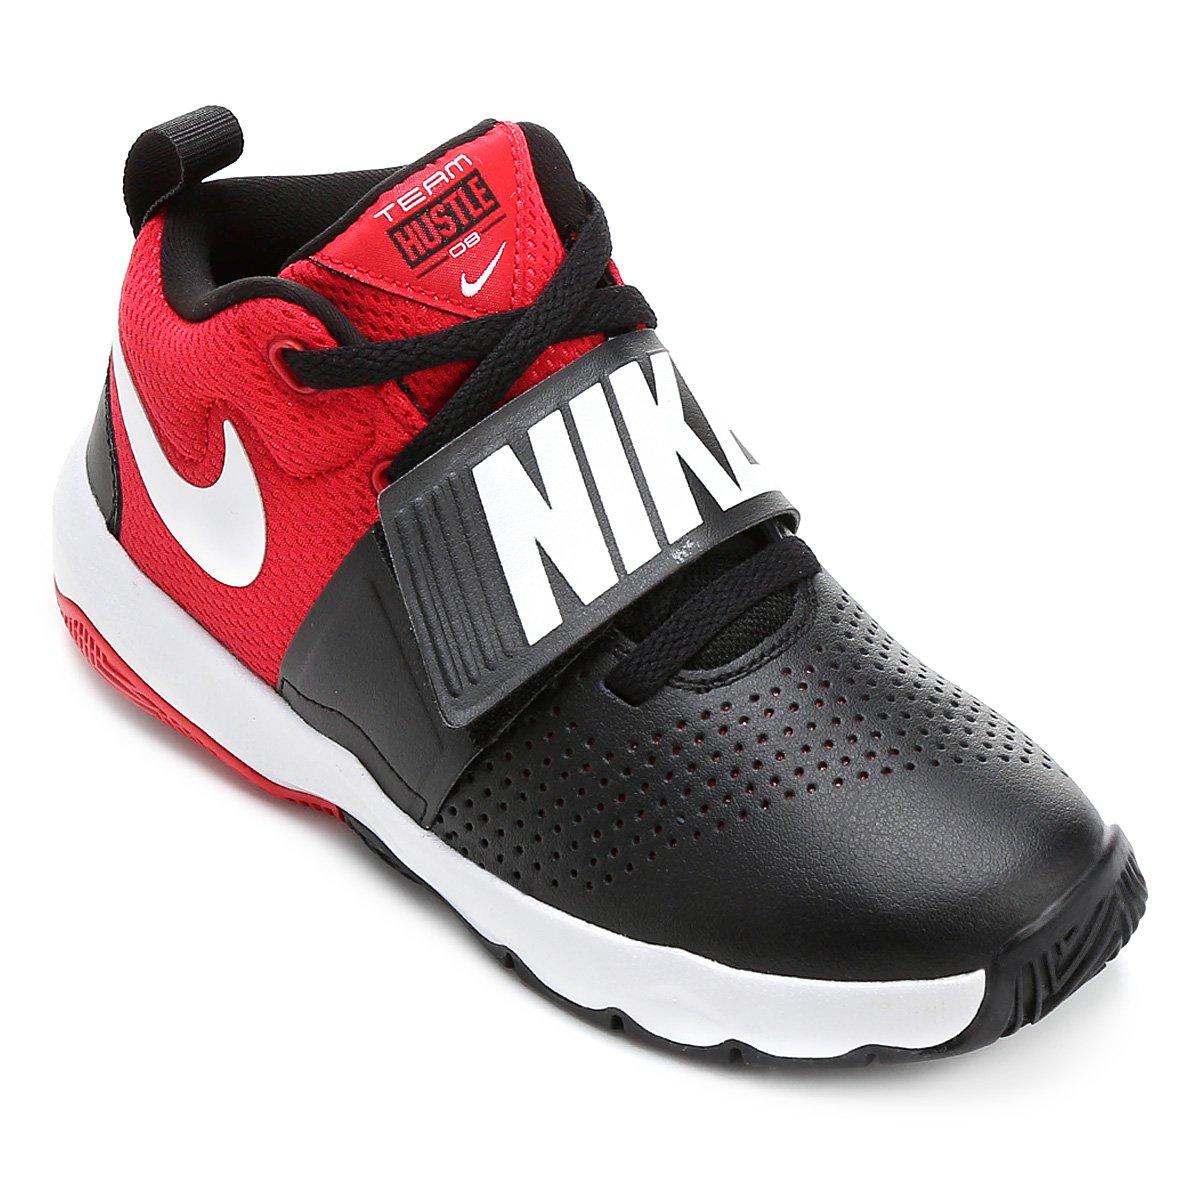 cec8961ab1d Tênis Infantil Nike Team Hustle D8 Masculino - Preto e Vermelho - Compre  Agora